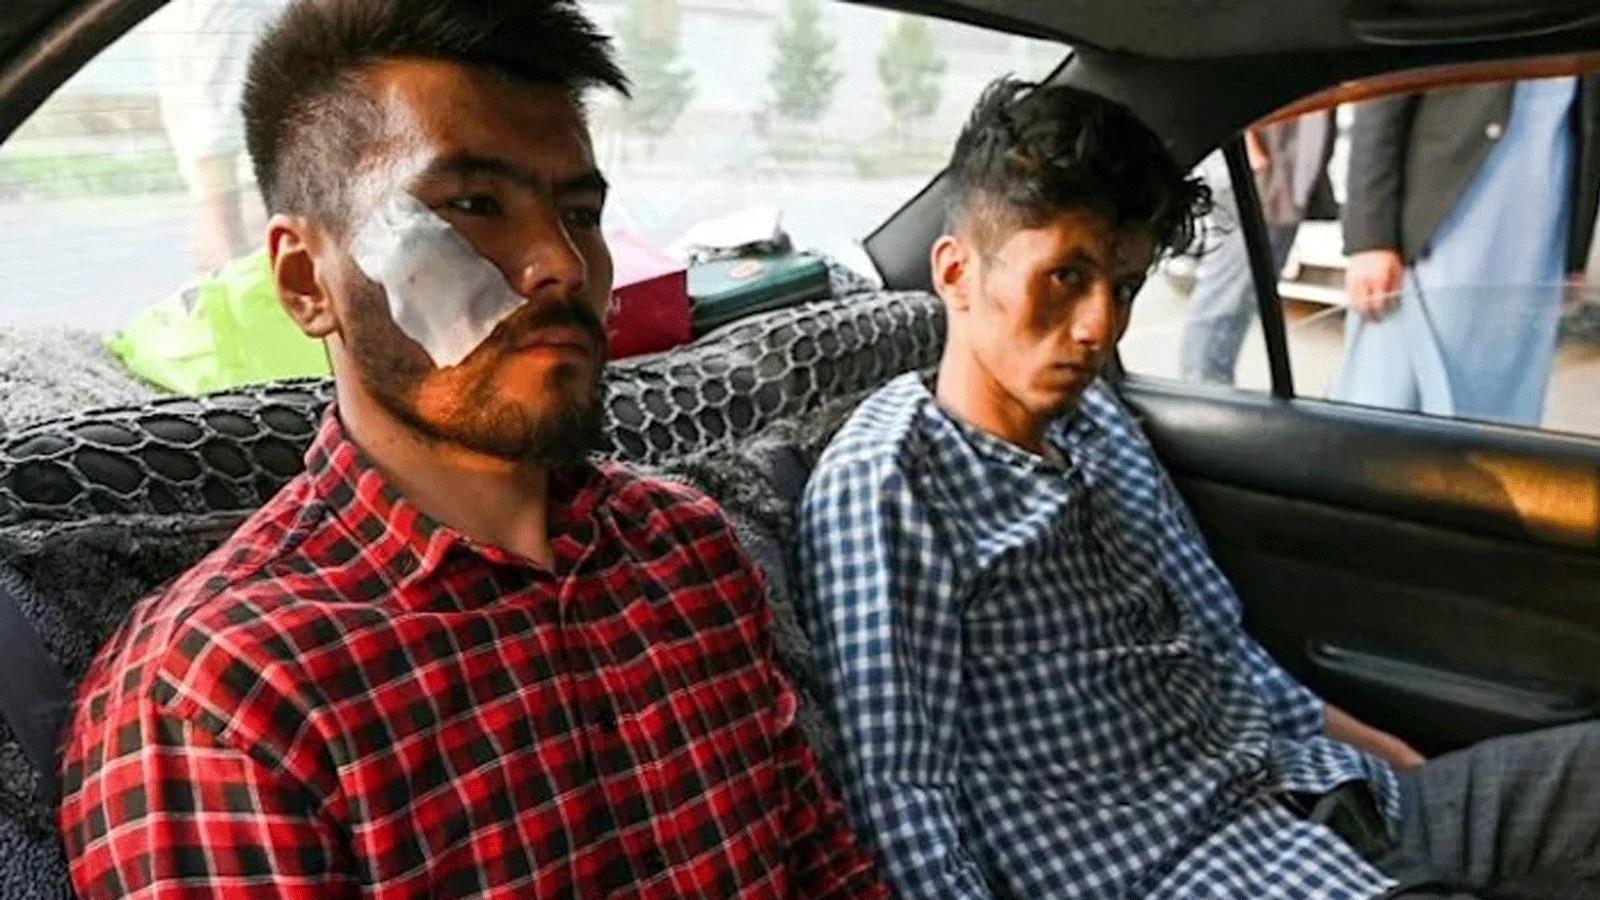 صحافيان أفغانيان تعرضا للضرب على يد طالبان